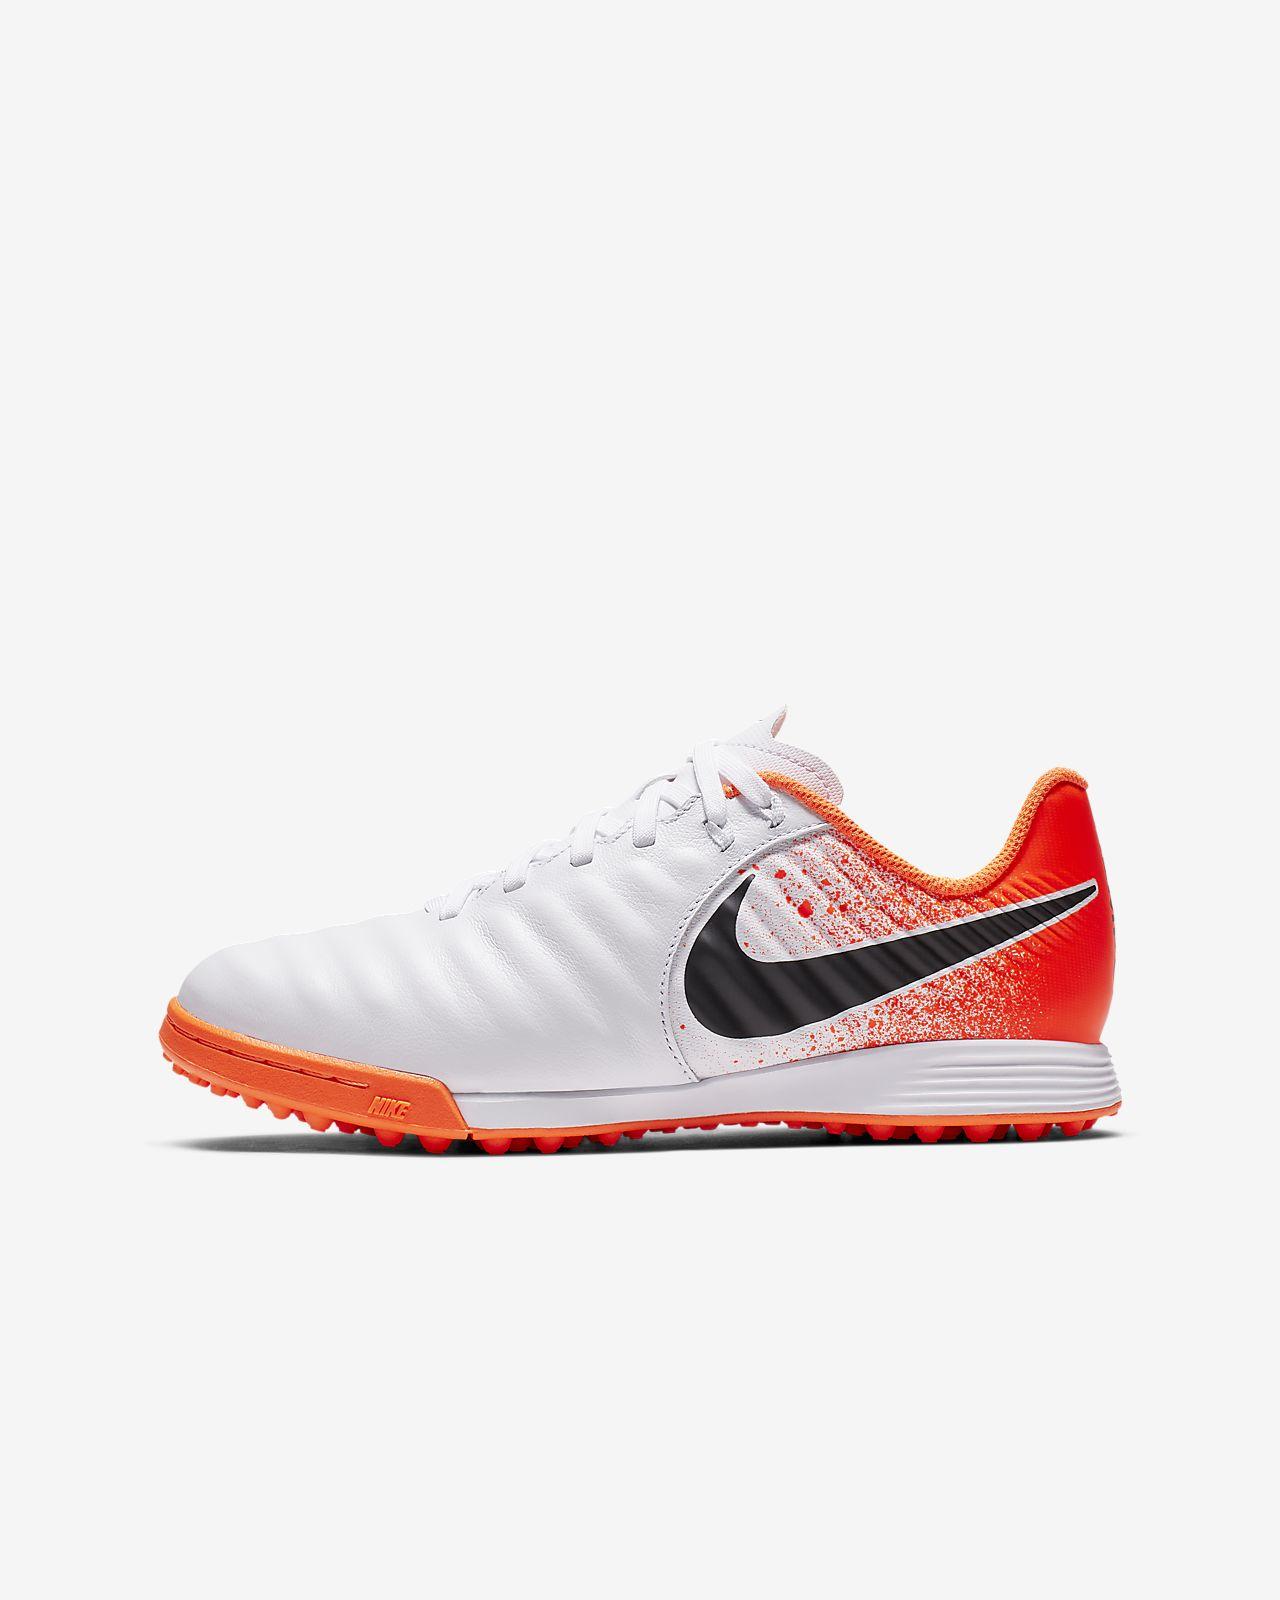 get cheap dc728 f7f45 ... Nike Jr. Tiempo Legend VII Academy TF Fußballschuh für Kunstrasen für  jüngere/ältere Kinder